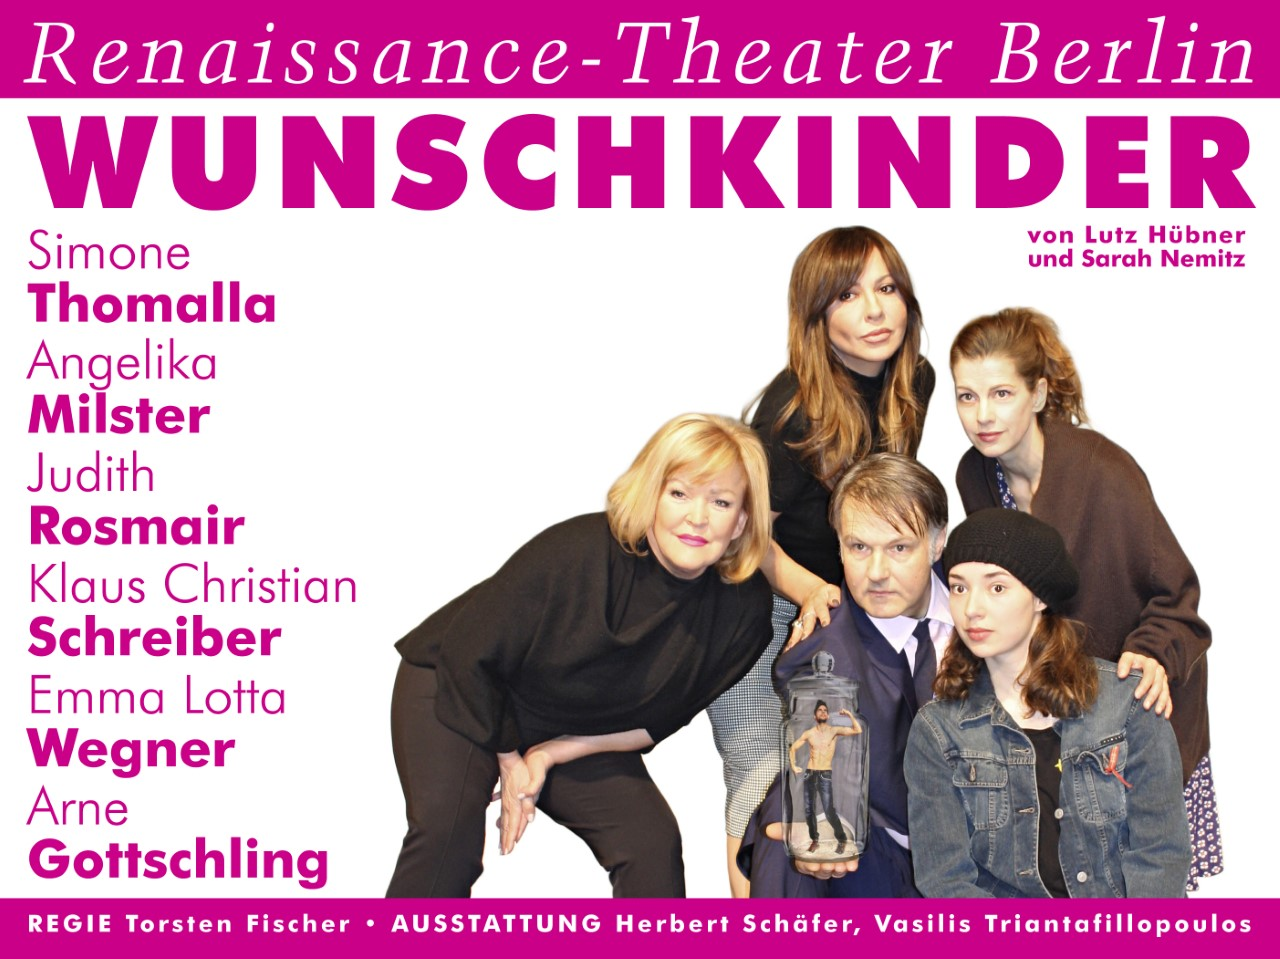 WUNSCHKINDER im Renaissance-Theater – Ist es heutzutage